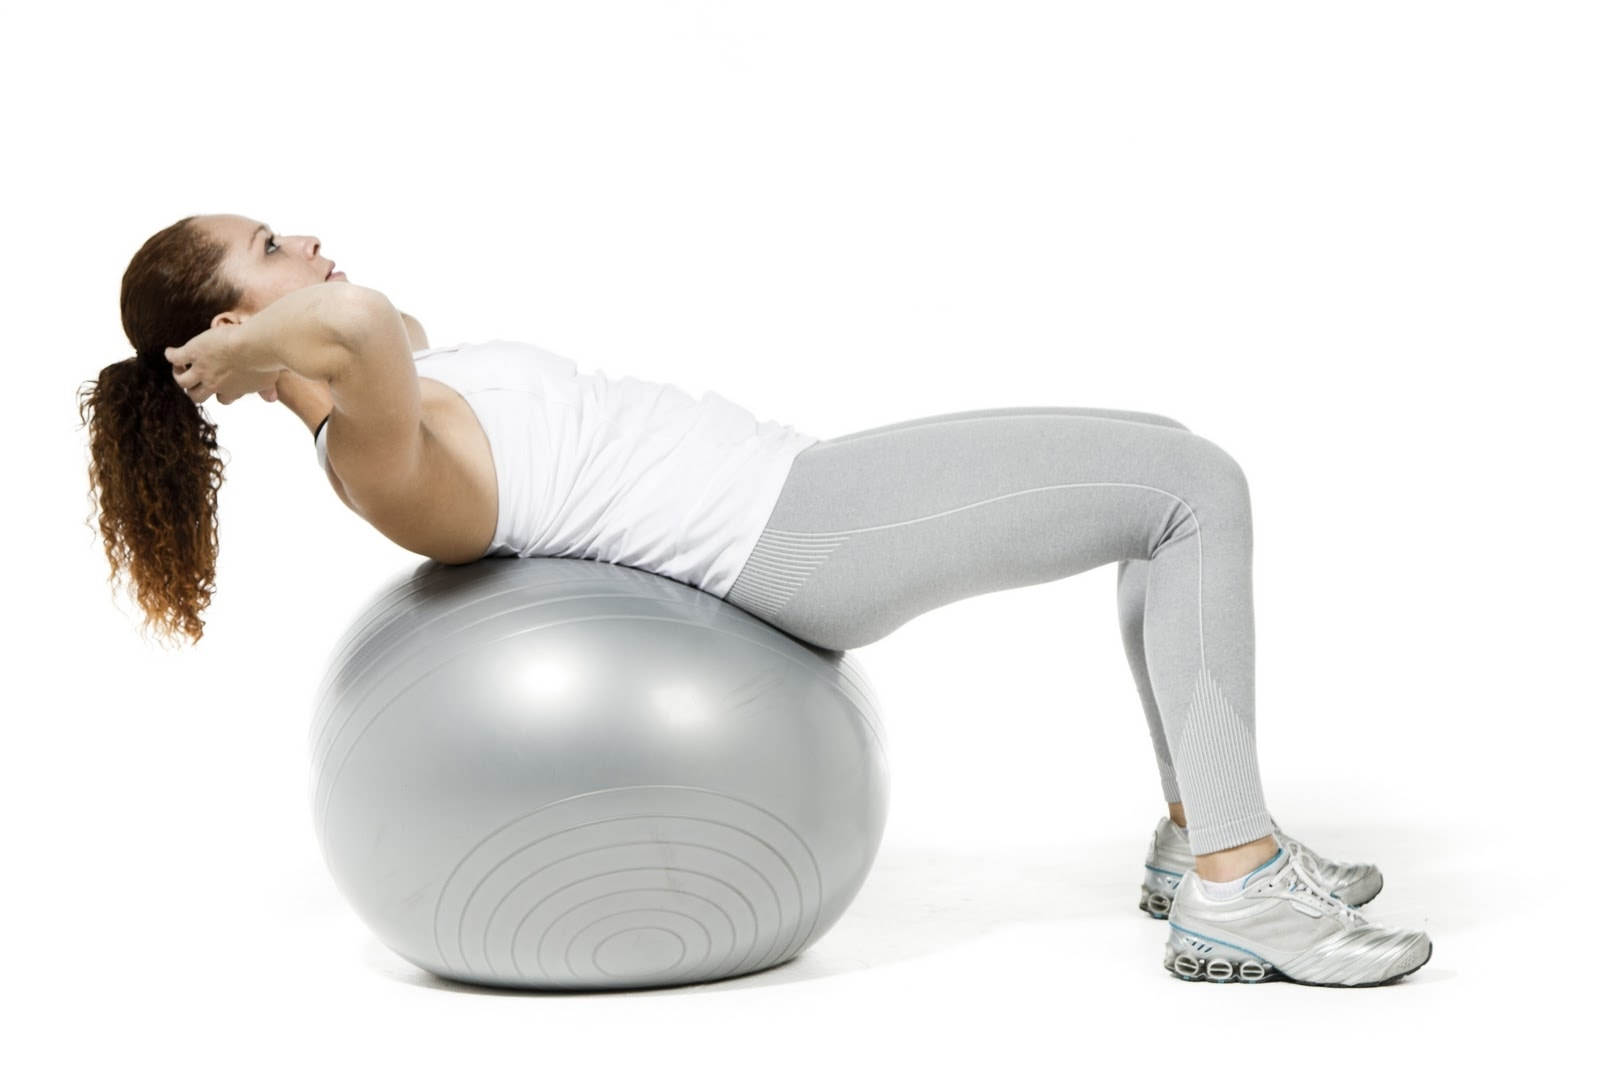 7 ejercicios para perder barriga ejercicios en casa - Ejercicios para adelgazar barriga en casa ...